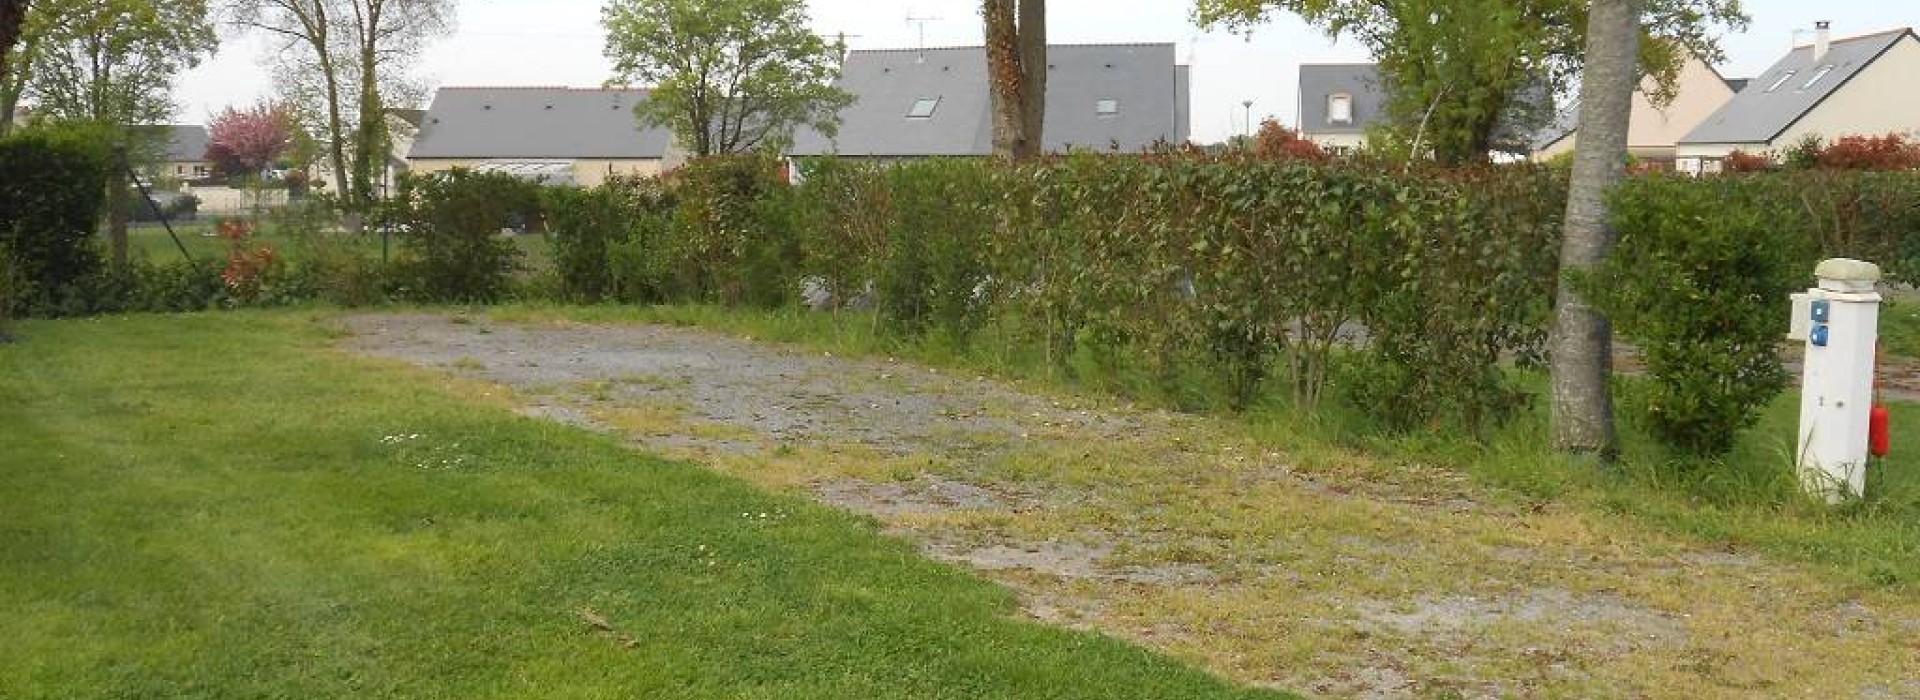 aire au camping de vern d 39 anjou aires de camping car en pays de la loire. Black Bedroom Furniture Sets. Home Design Ideas